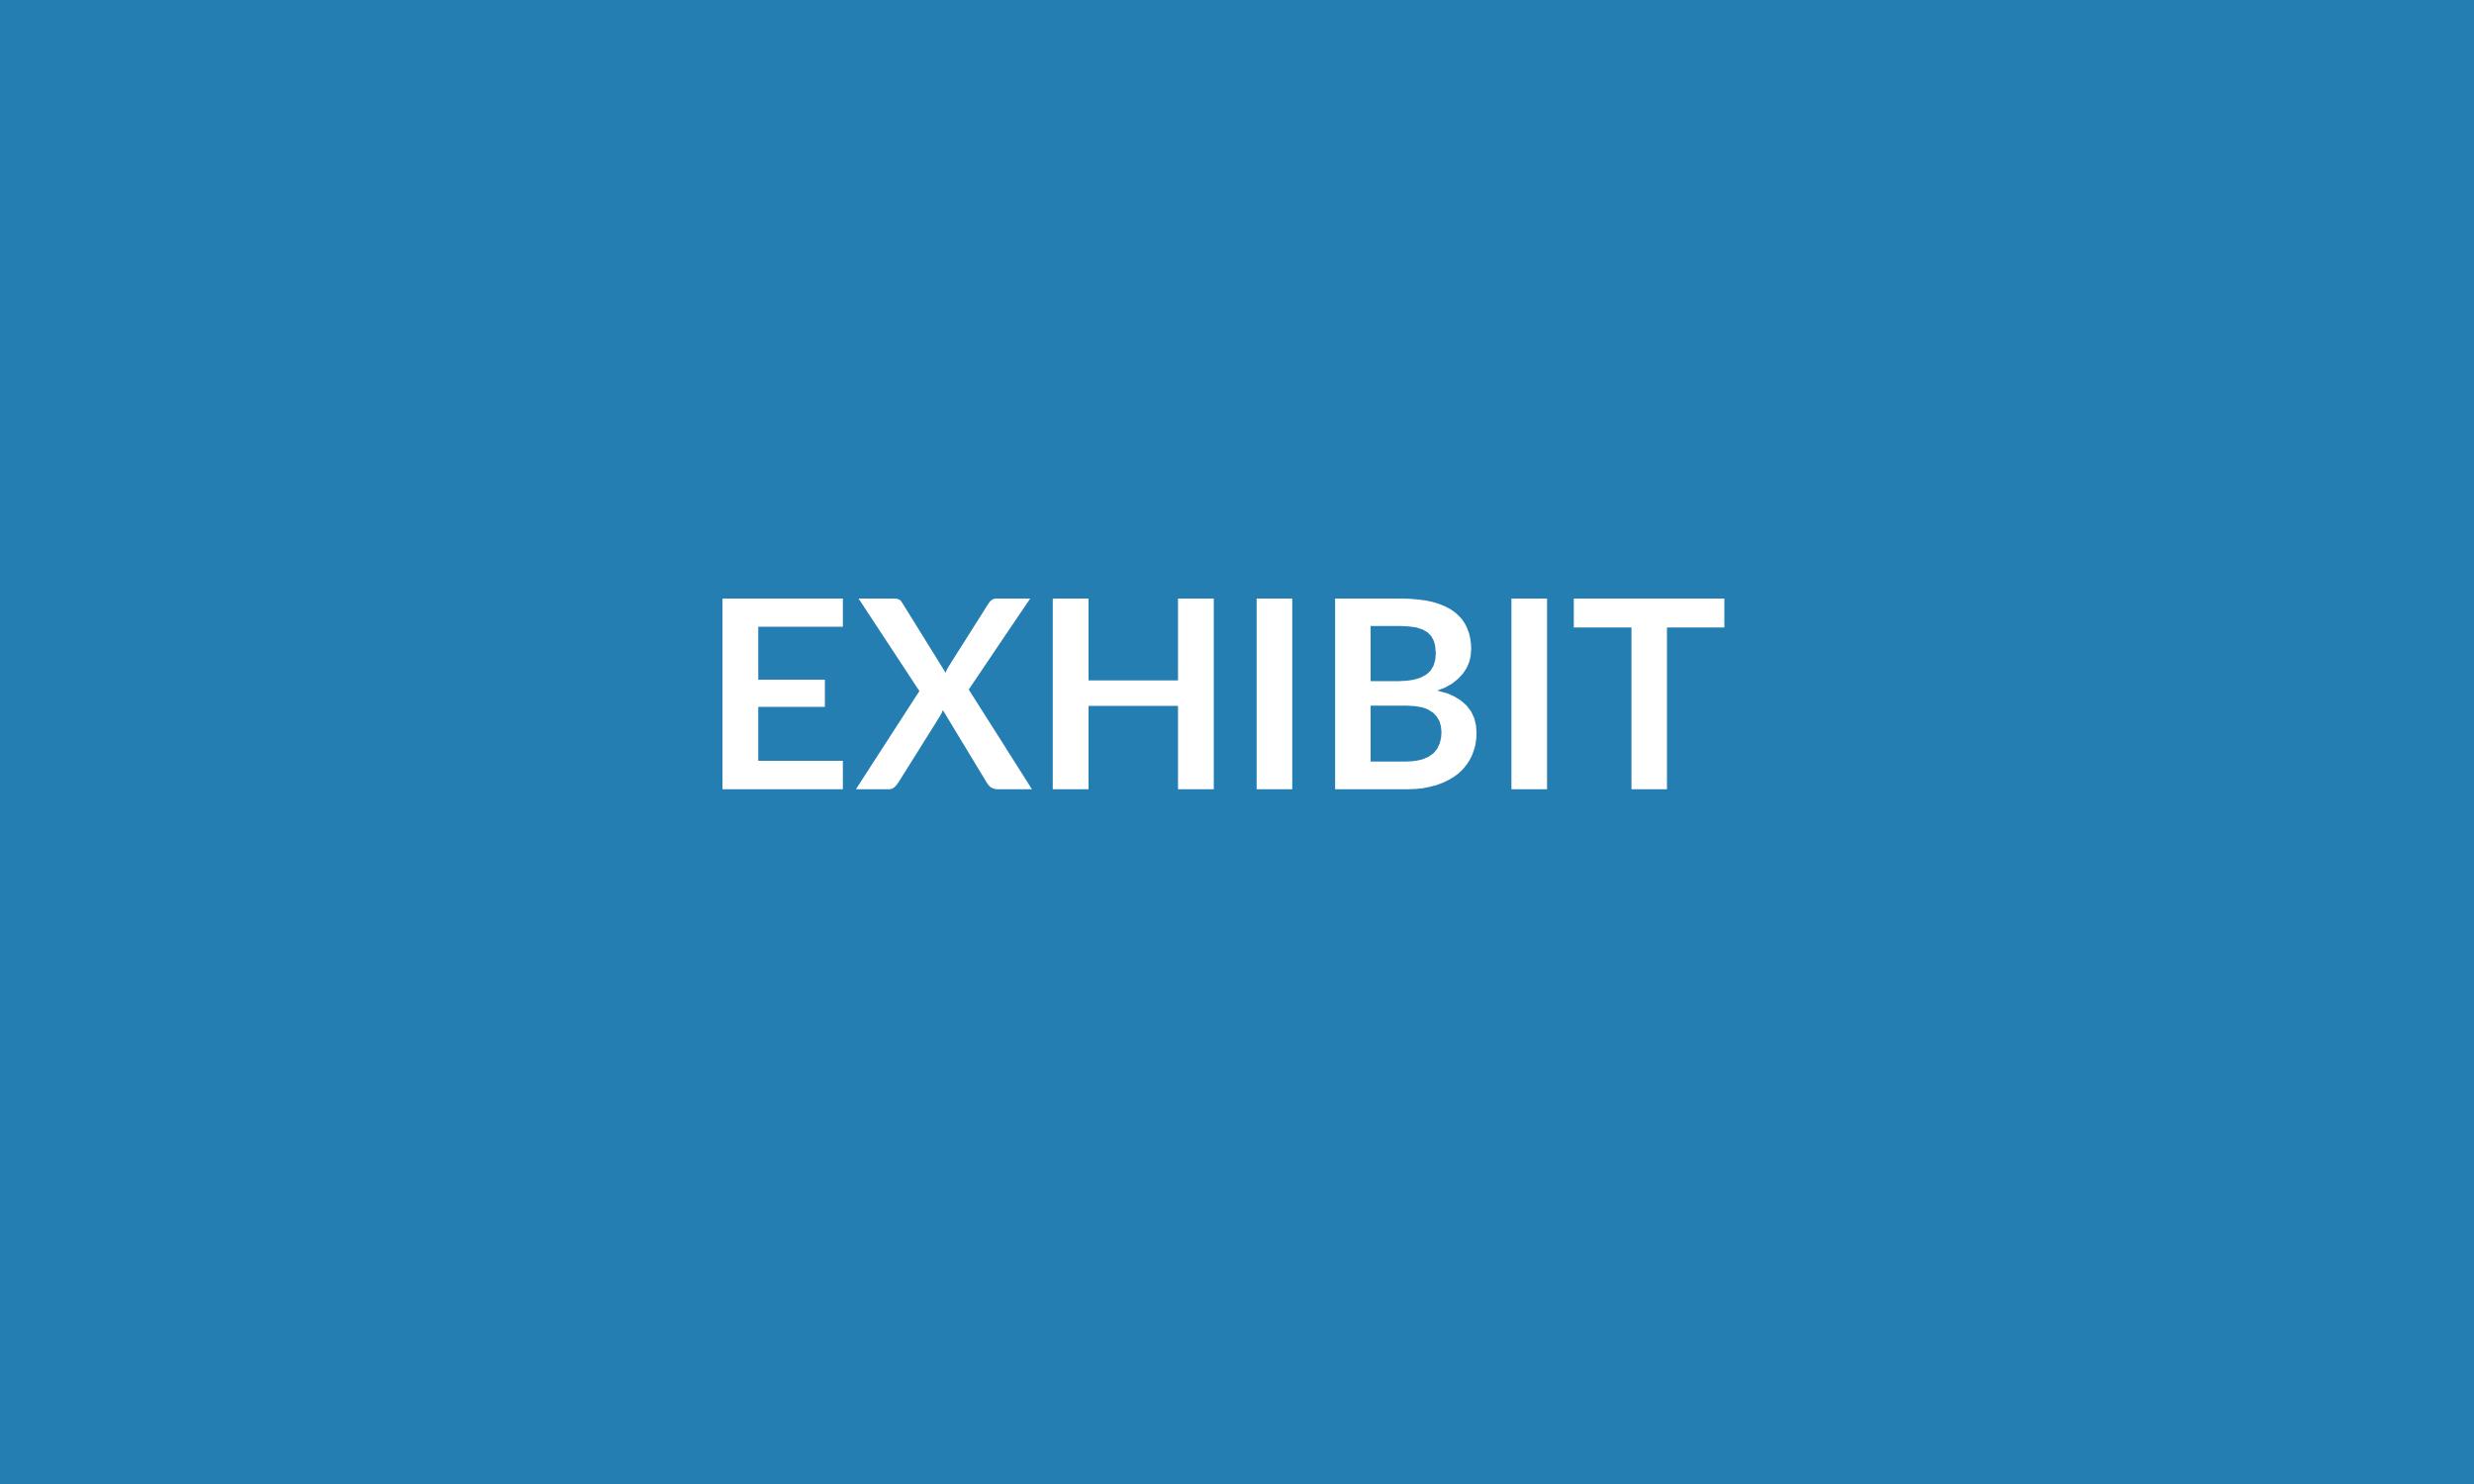 EXHIBIT-2.png